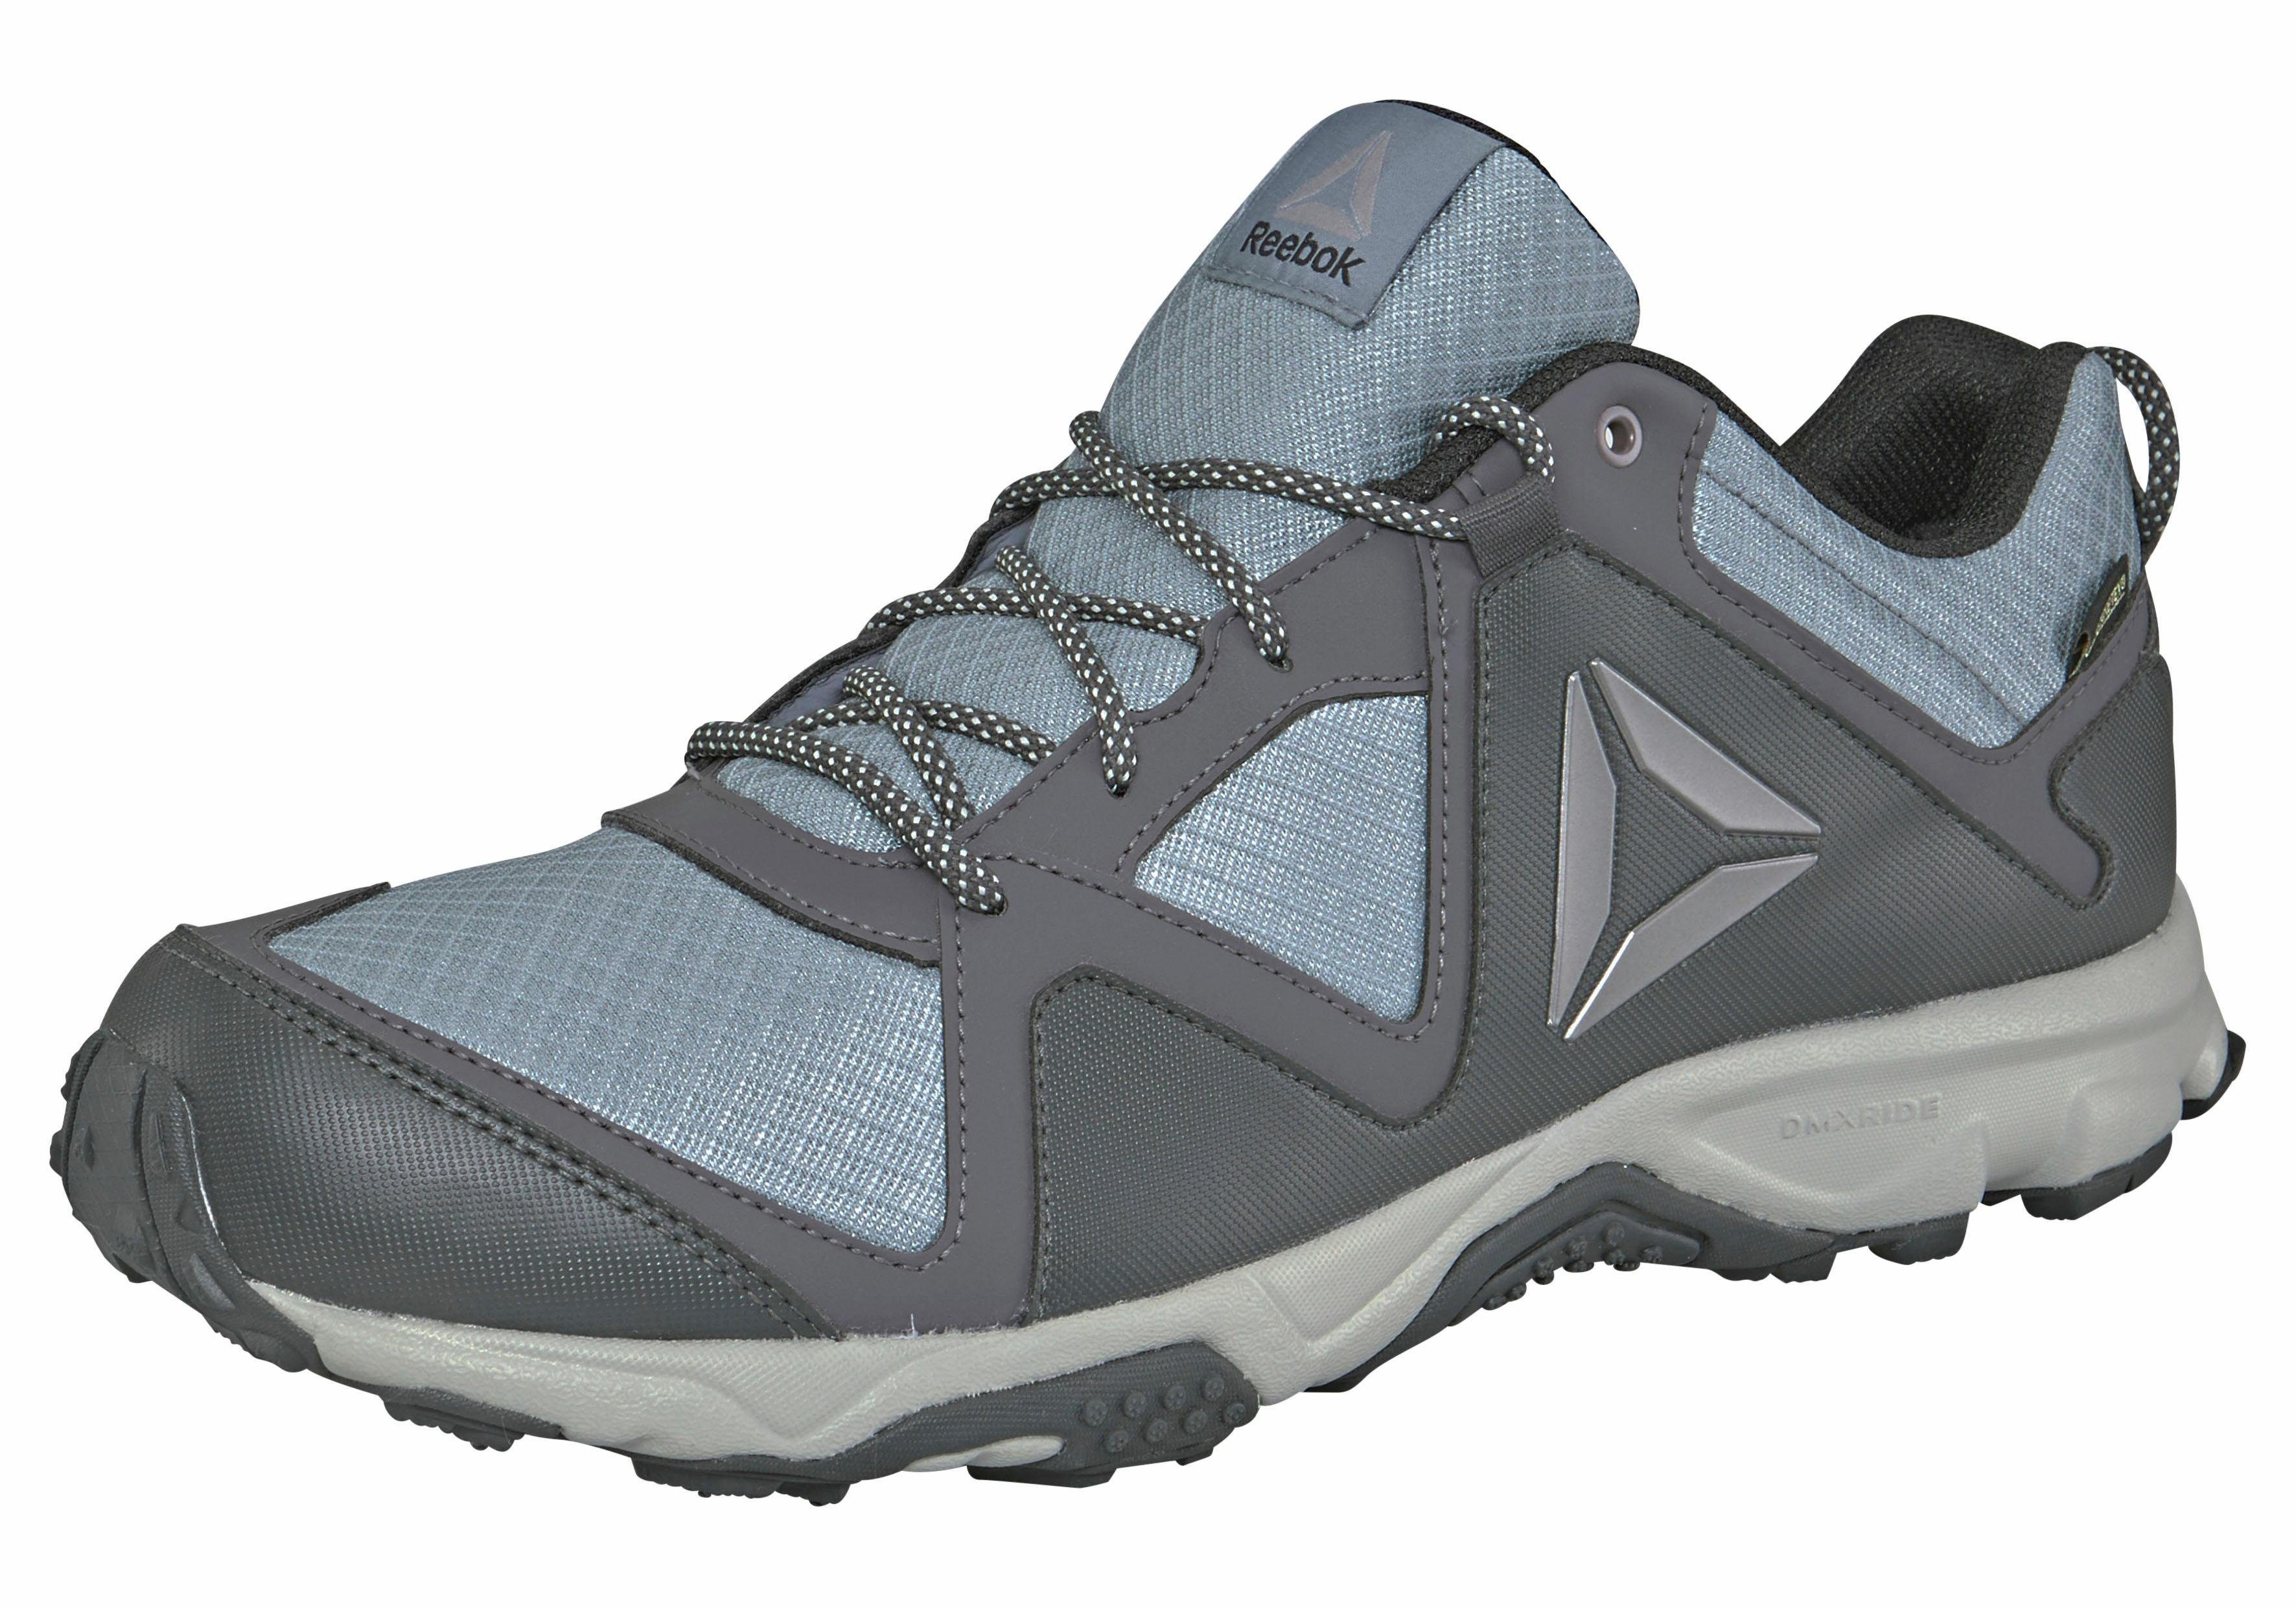 Reebok »Franconia Ridge 3.0 Gore Tex« Walkingschuh, Profilierte Gummilaufsohle für sicheren Halt online kaufen | OTTO